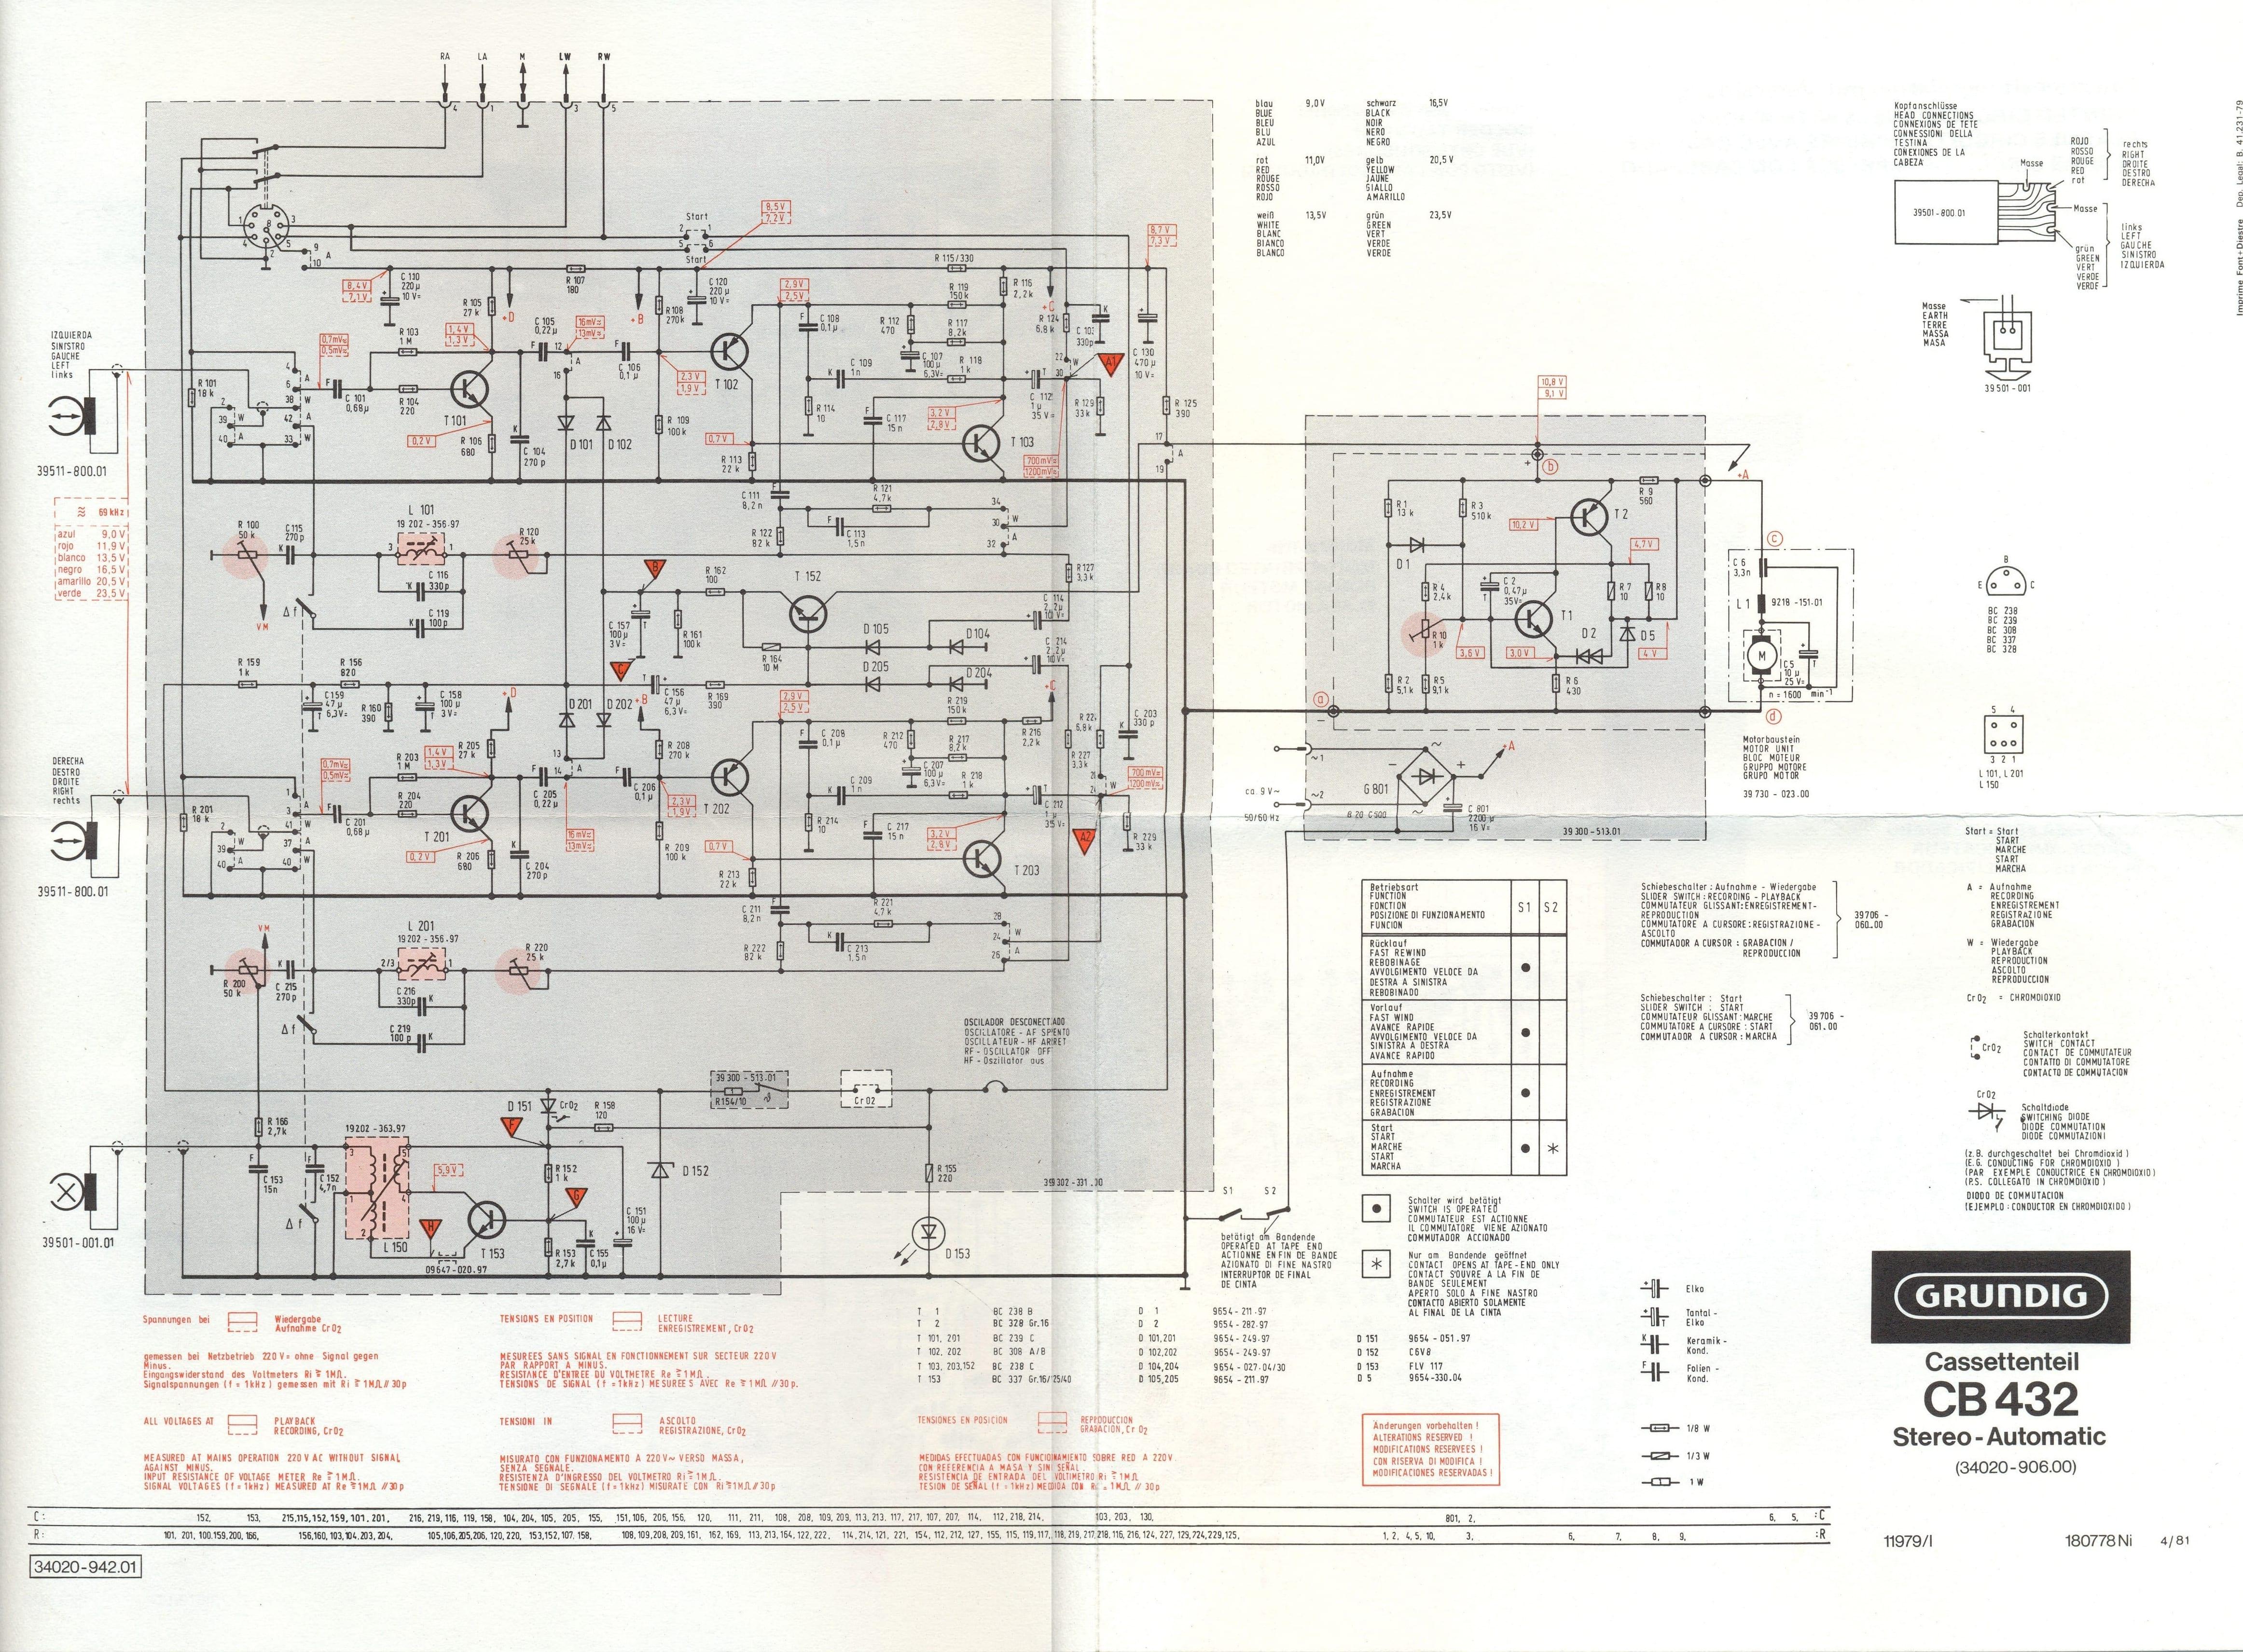 Grundig Studio 3010 - Cassette esquema ensamblado